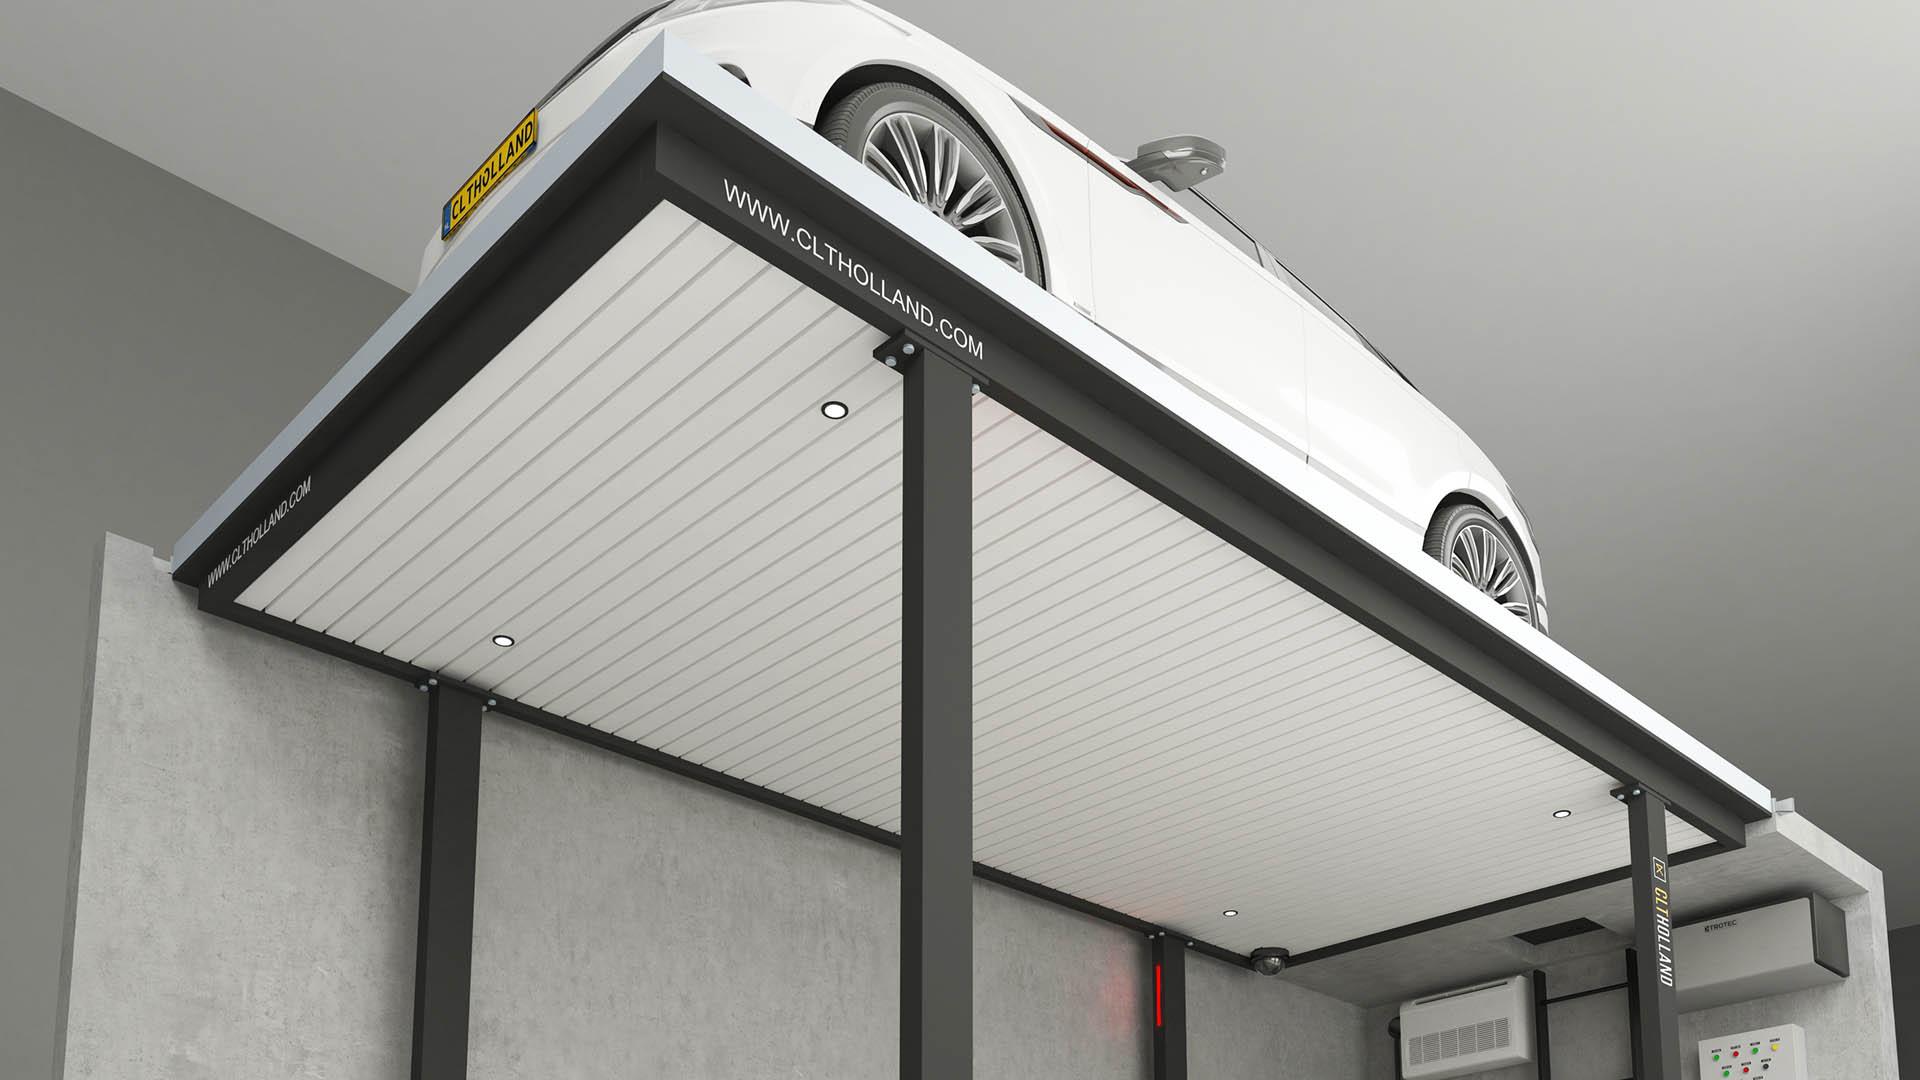 CLT Holland parkeerliften zijn tot in details afgewerkt. Dit voorbeeld is uitgevoerd met wit lamellen plafond.